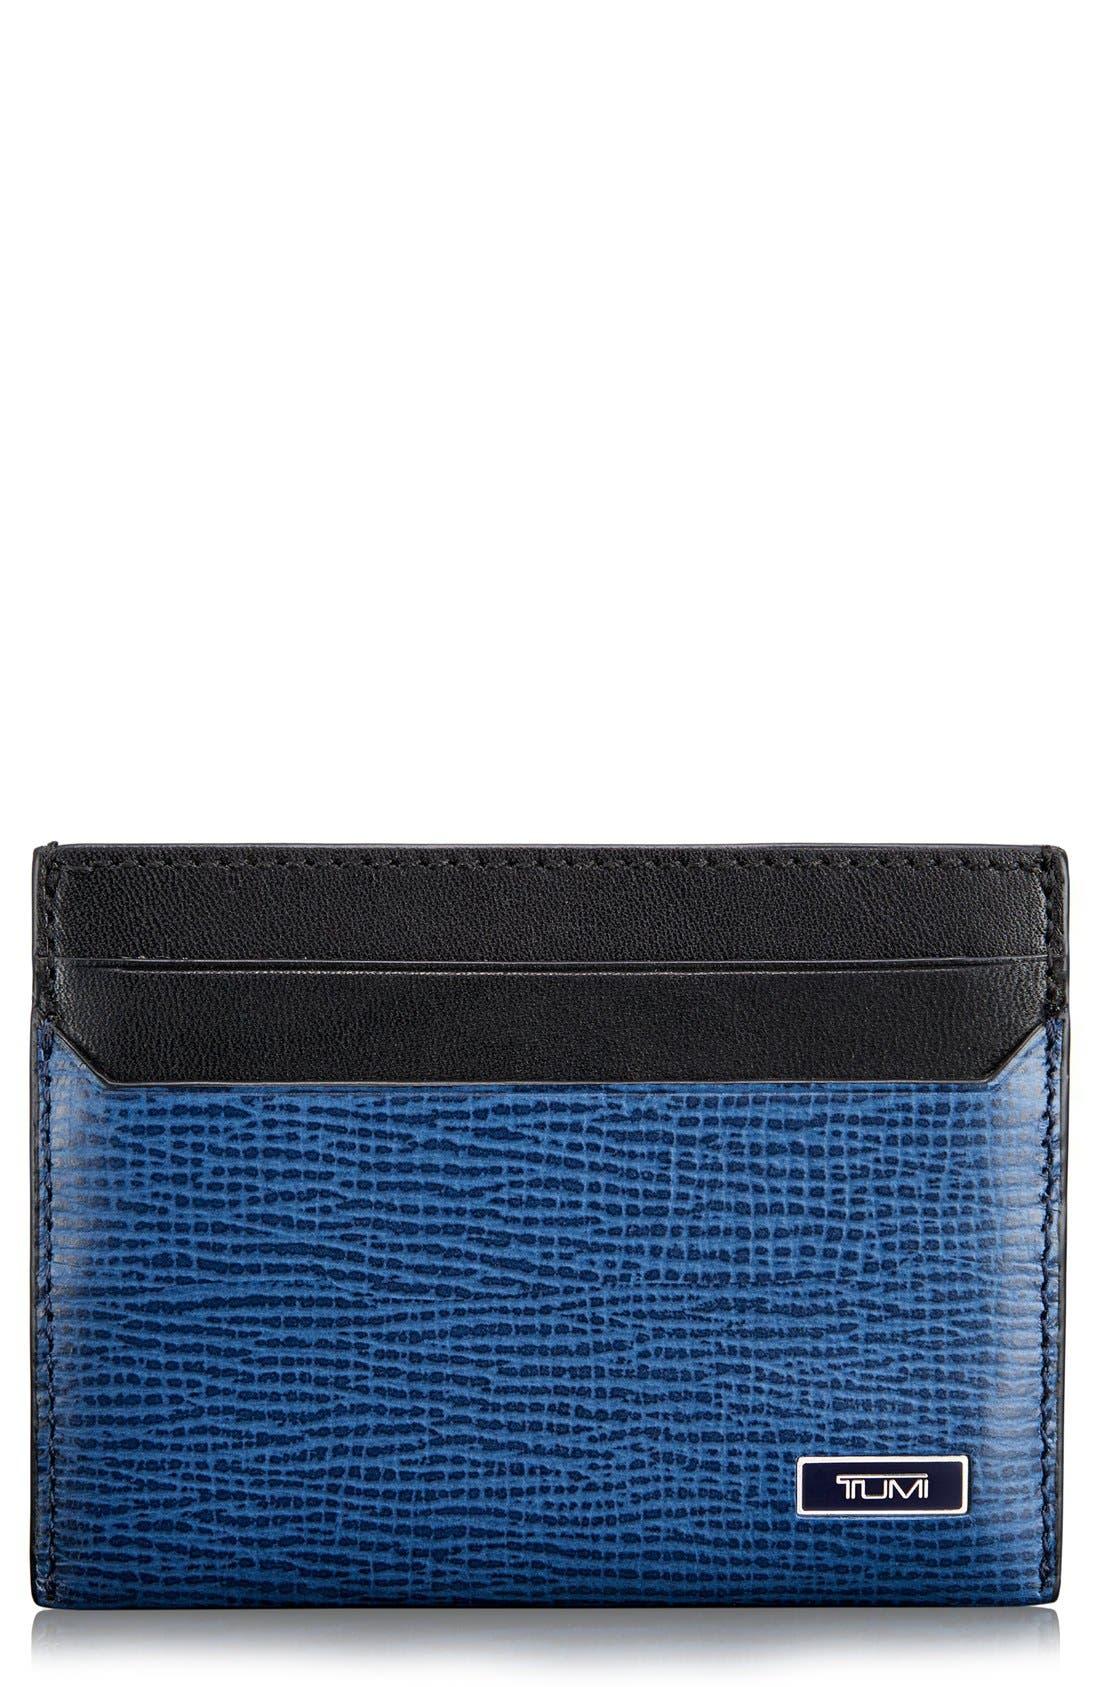 Monaco Slim Leather Card Case,                             Main thumbnail 1, color,                             COBALT